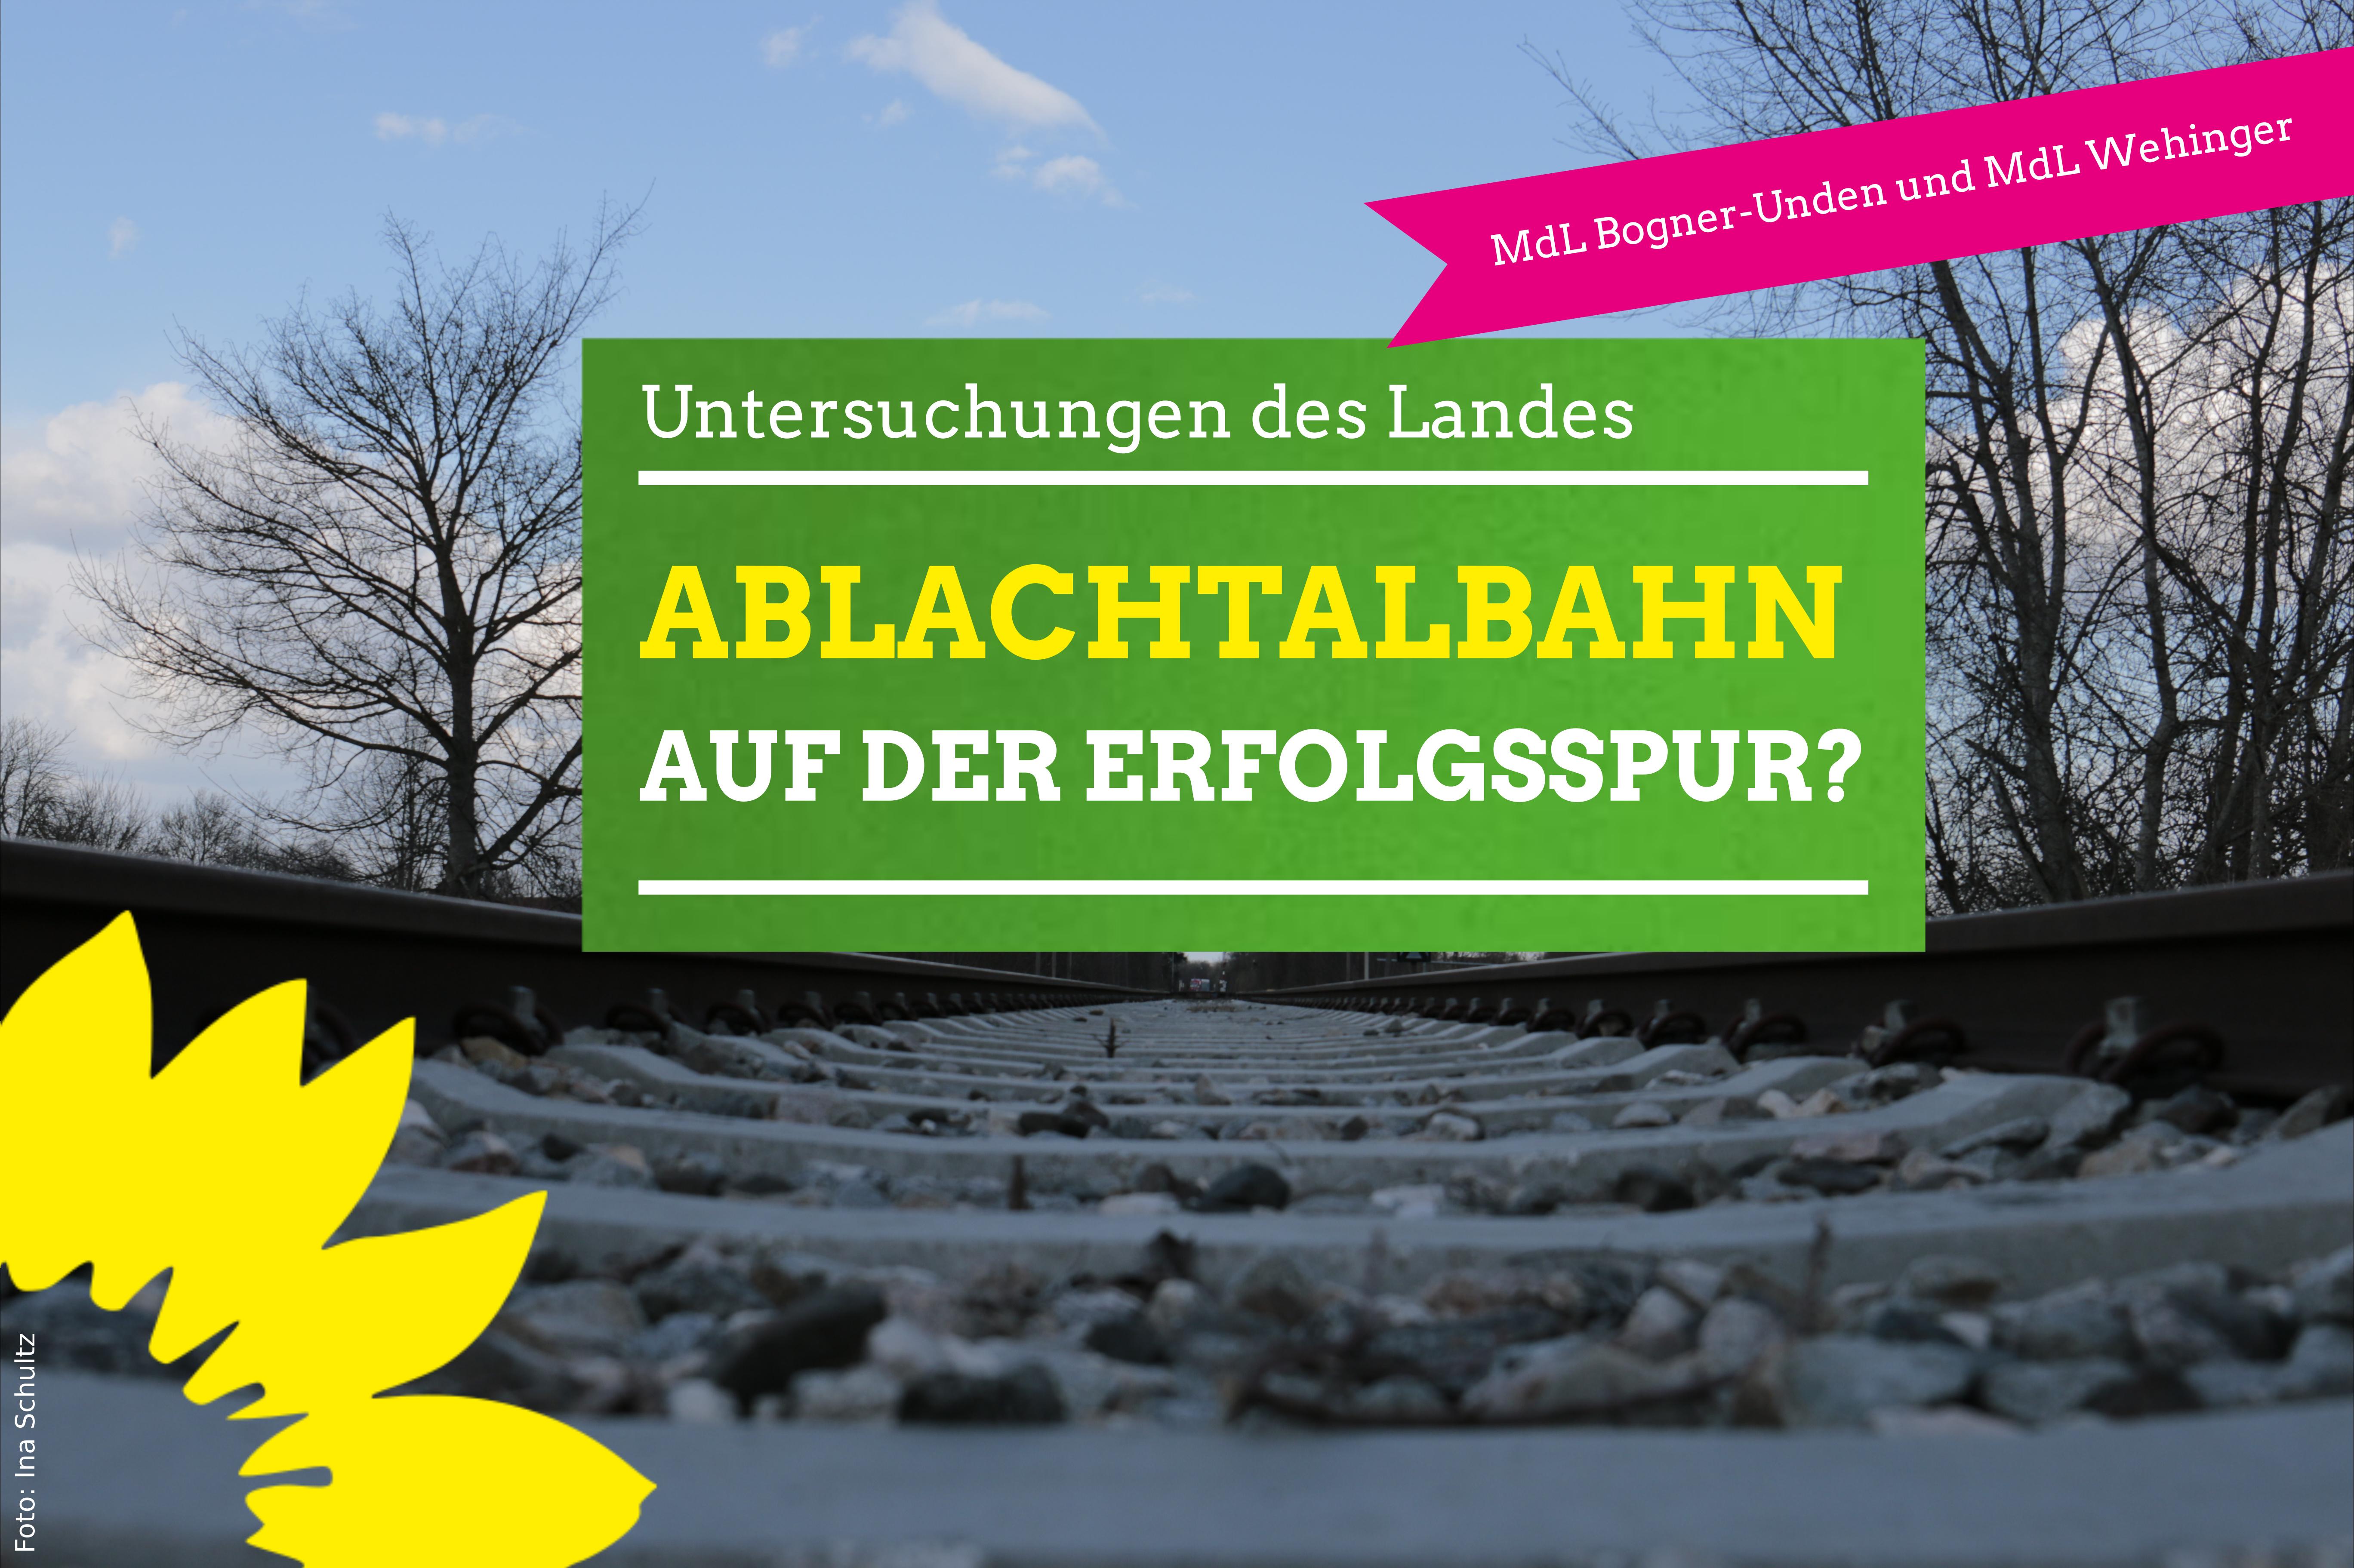 Andrea Bogner-Unden MdL und Dorothea Wehinger MdL setzen sich für Ablachtalbahn ein